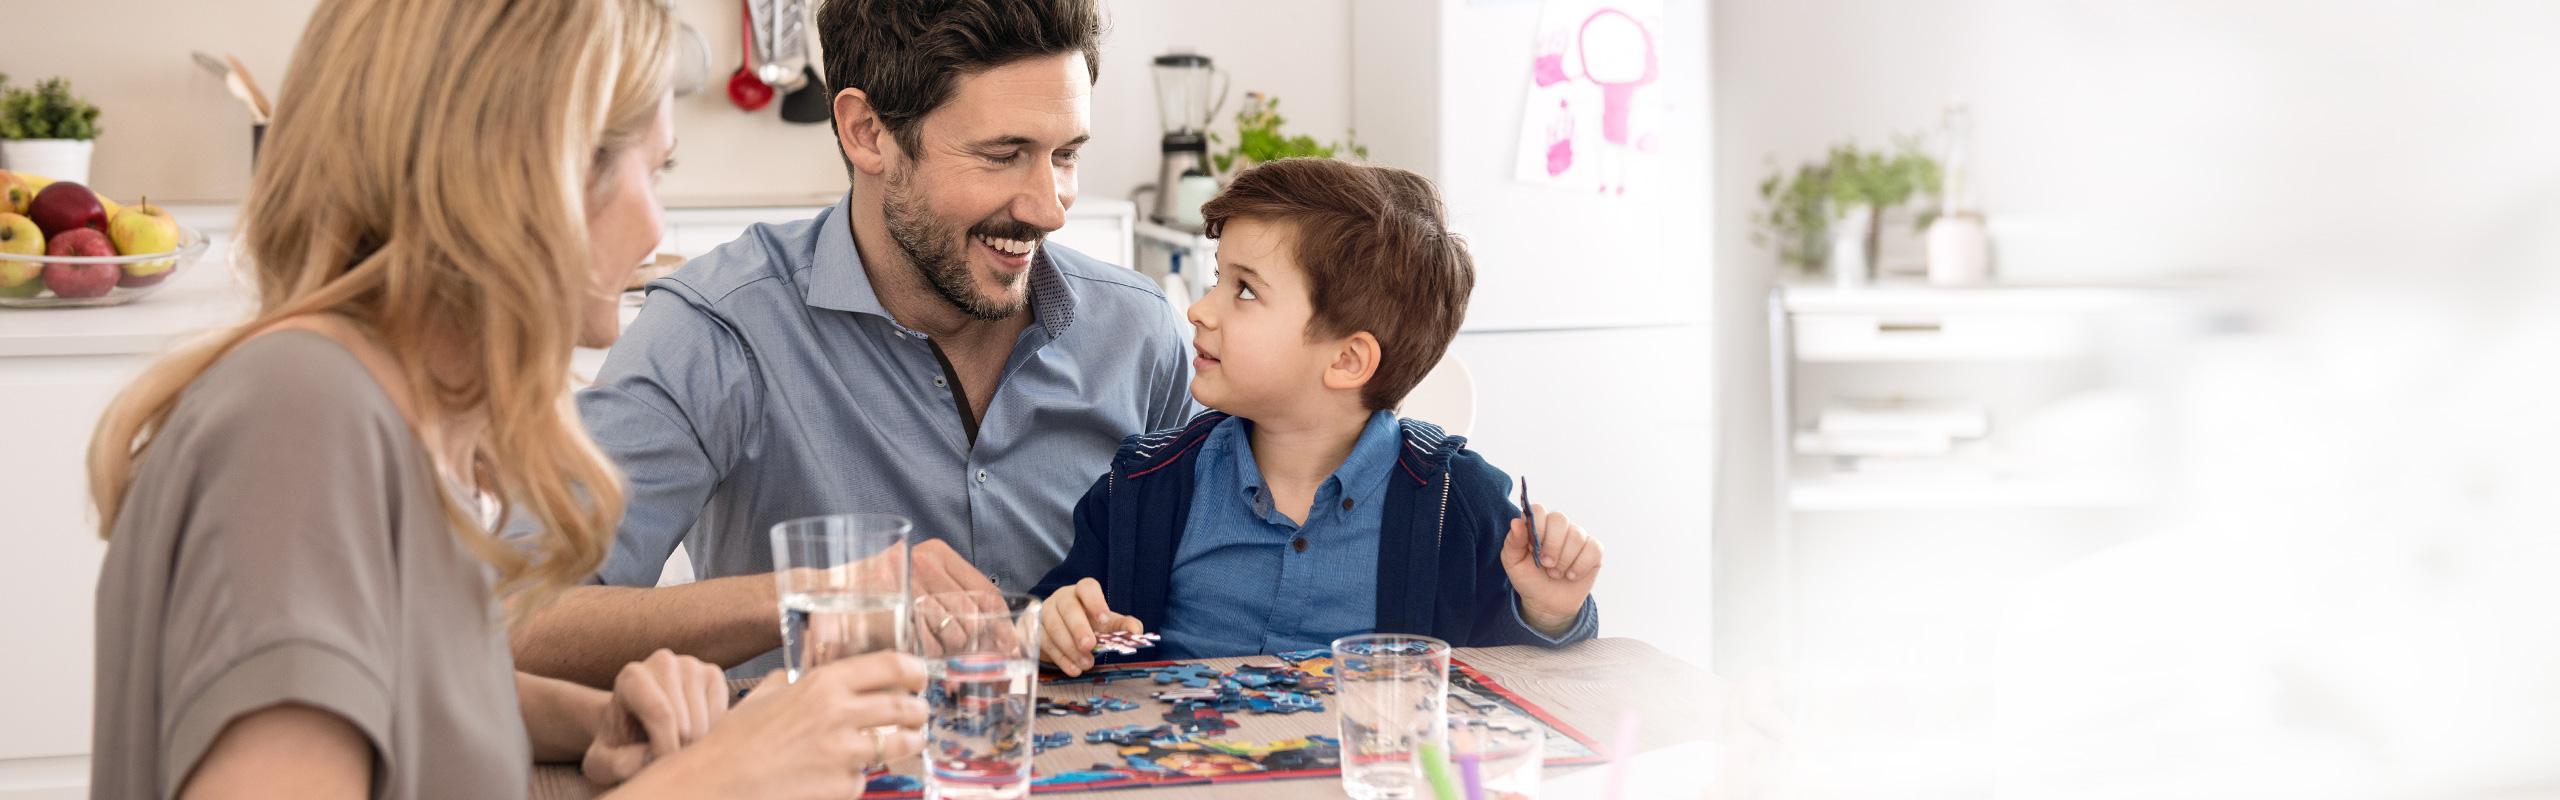 BRITA waterfilters en patronen blij gezin